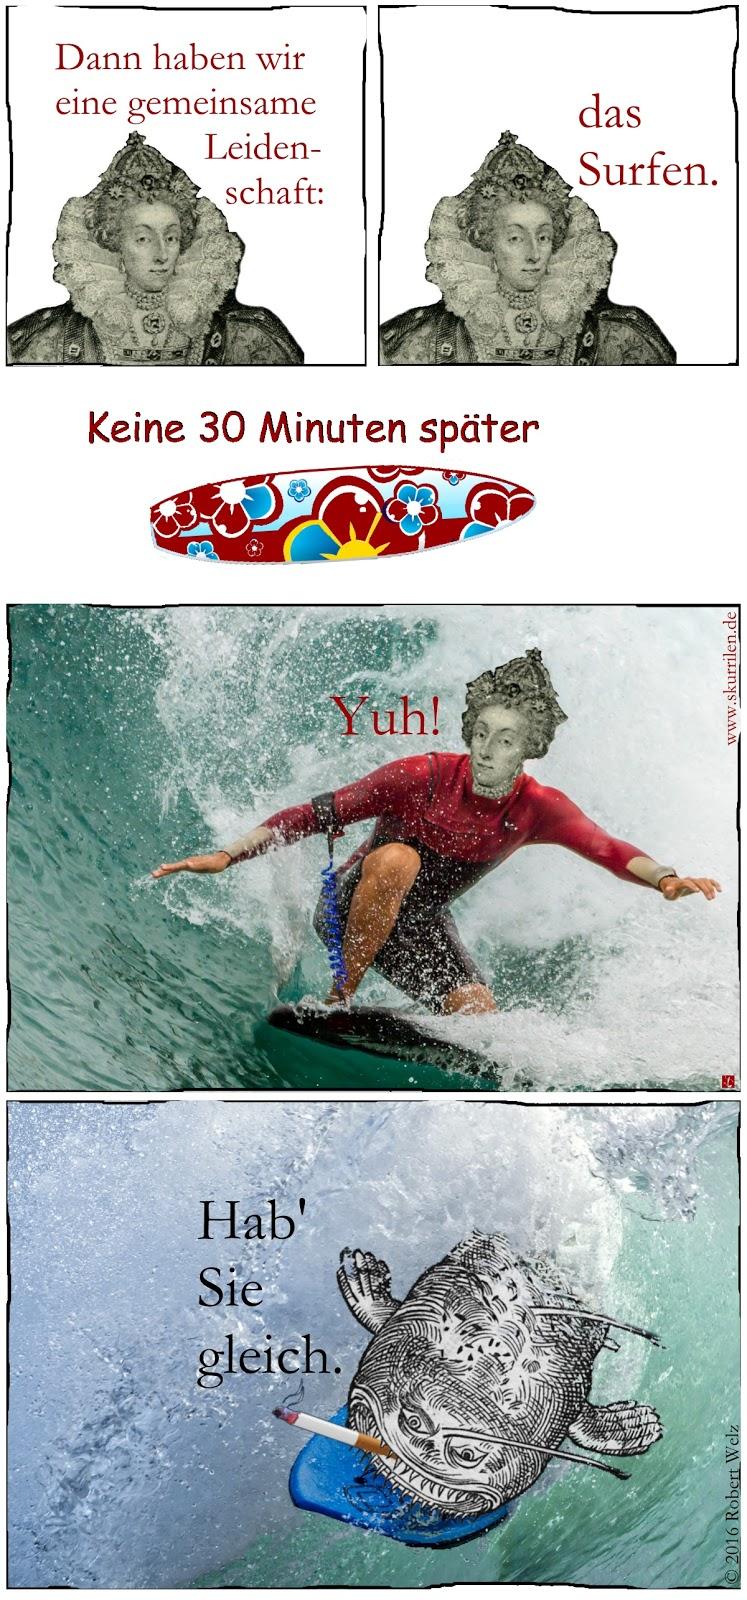 Surfen, Elizabeth I., Seeungeheuer, Fantasy, Satire, Comic, lustig, Humor, komisch, Collage, Autor, Bildermacher